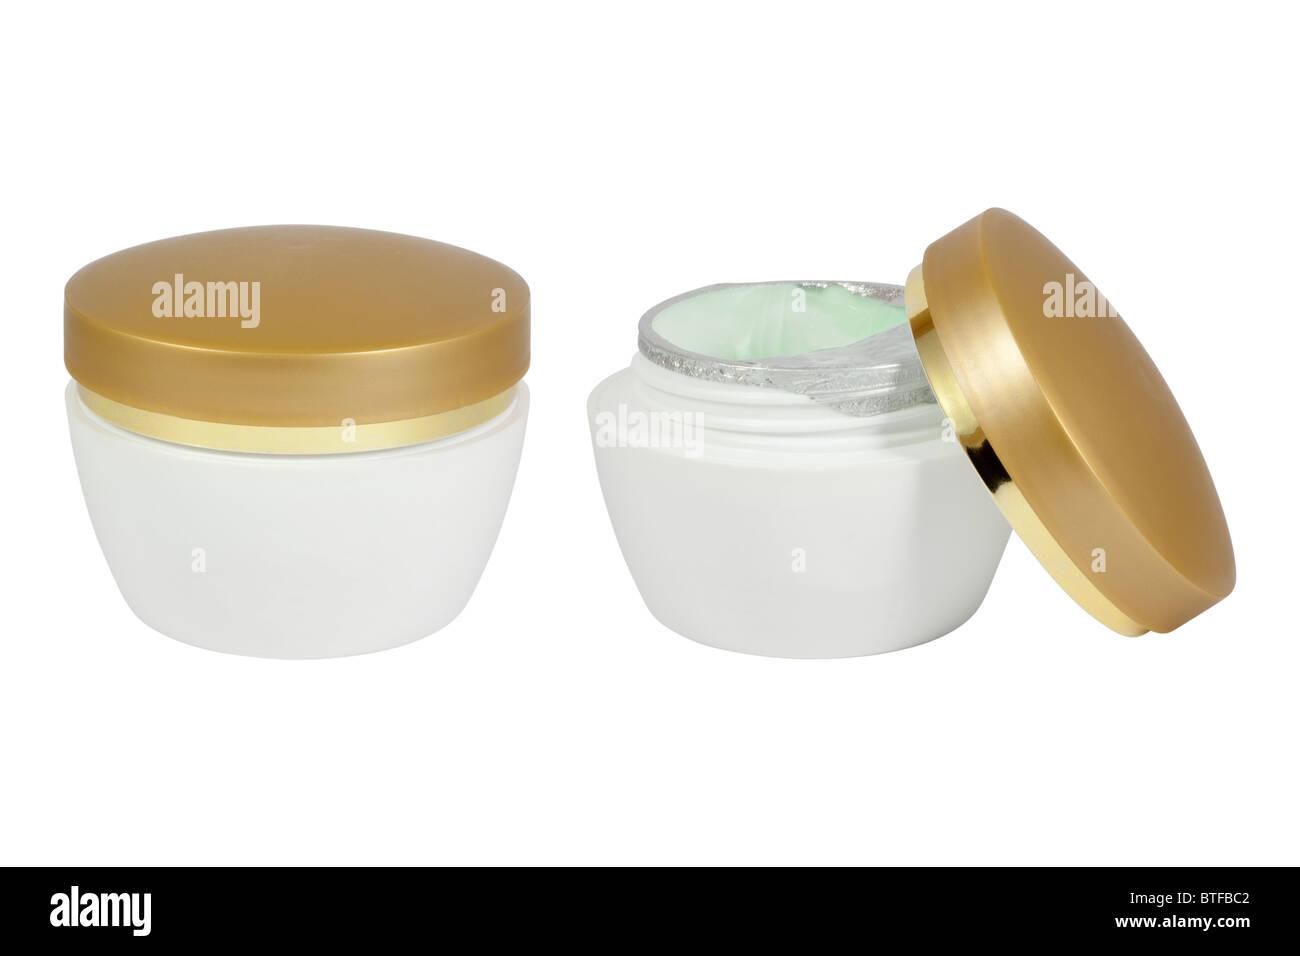 Pot of moisturizing face cream. Isolated on white background. - Stock Image